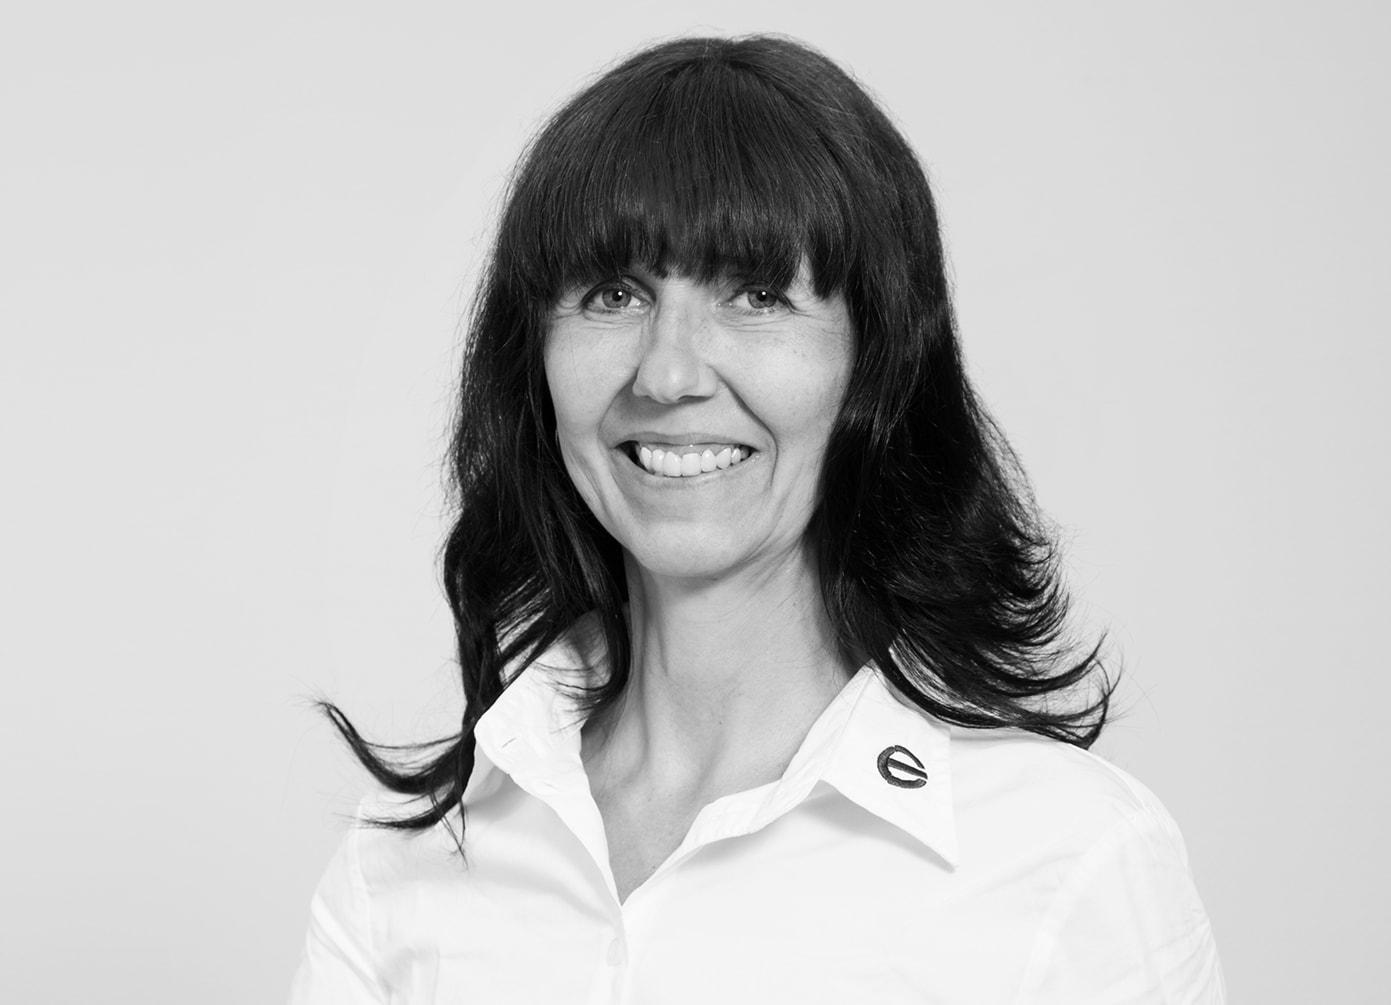 Irene Mechsner